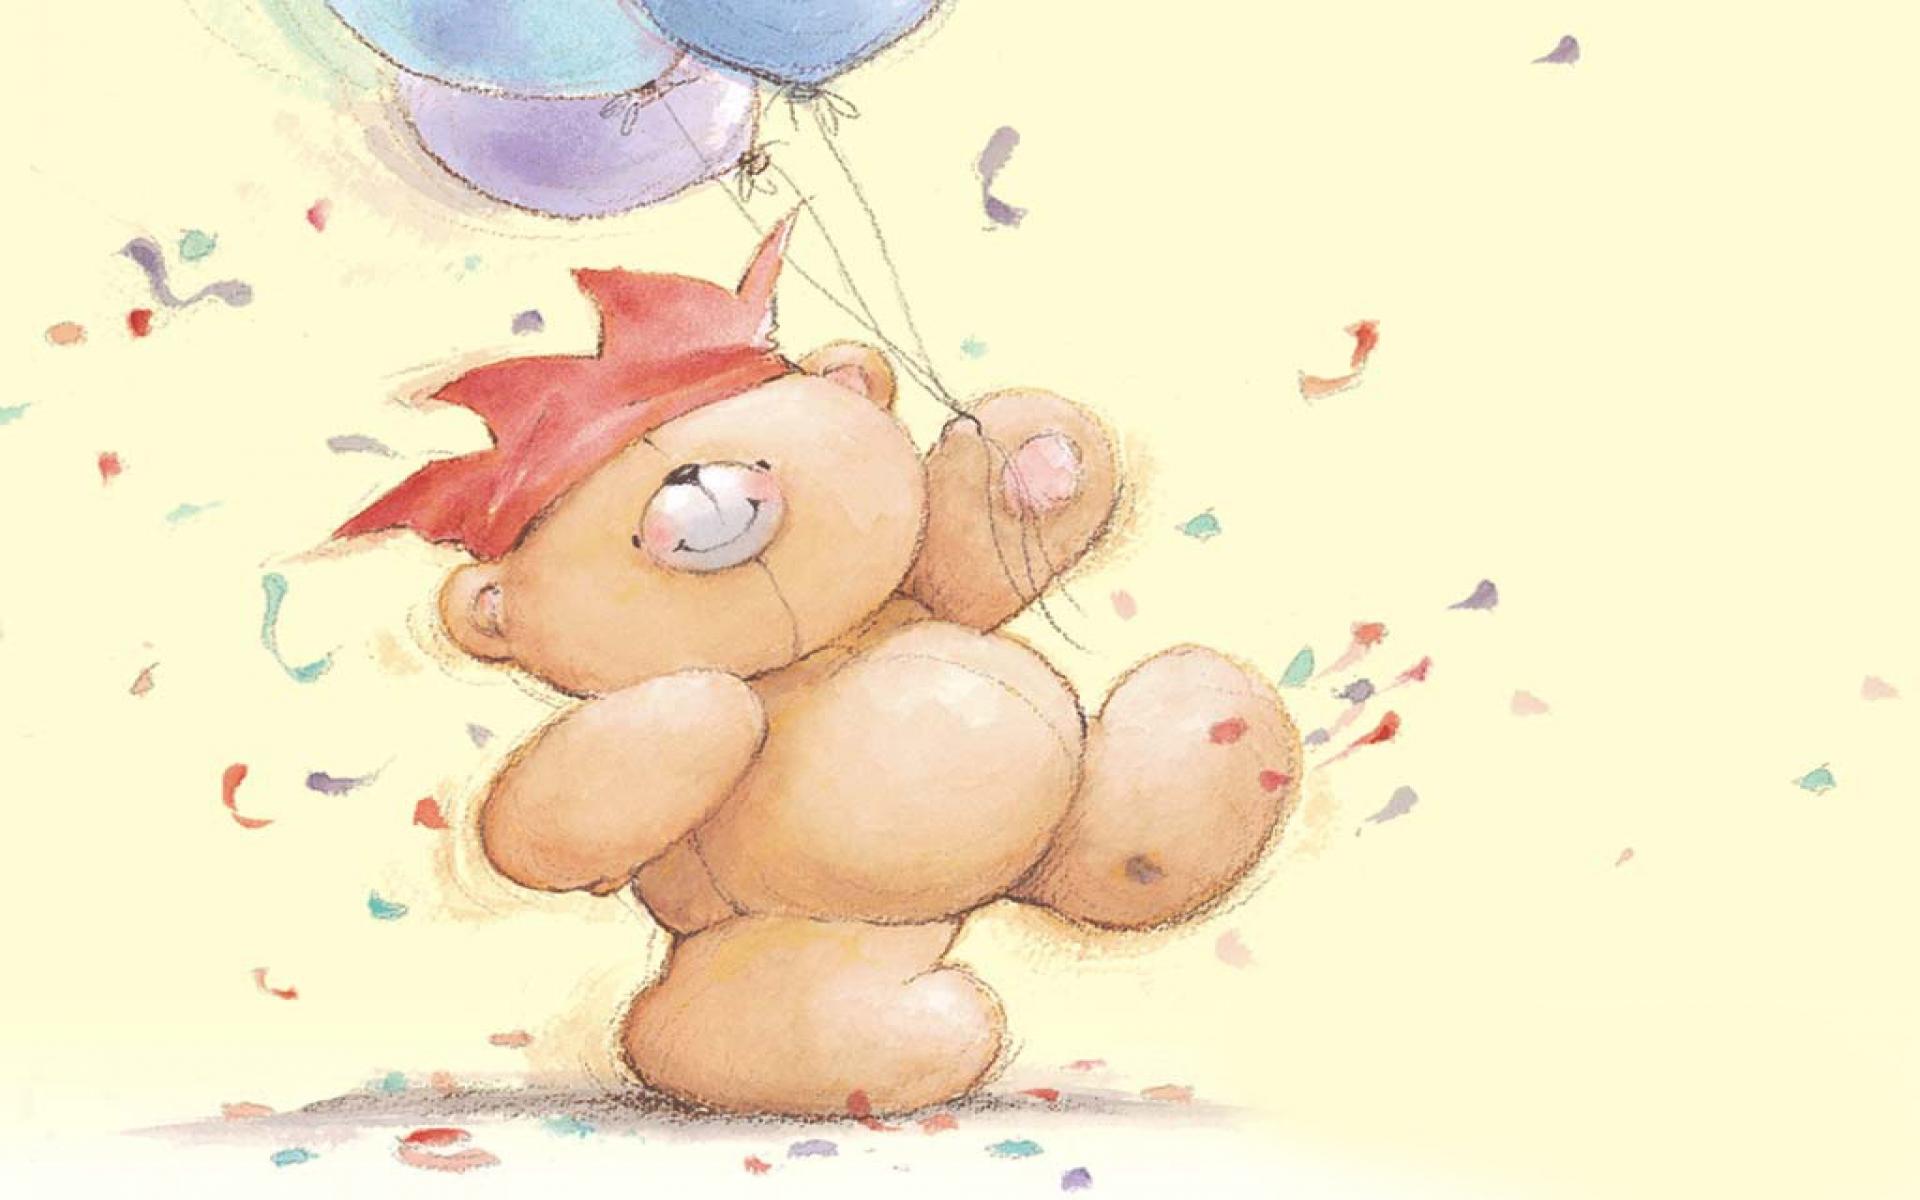 Милое поздравление с днем рождения для мальчика в прозе